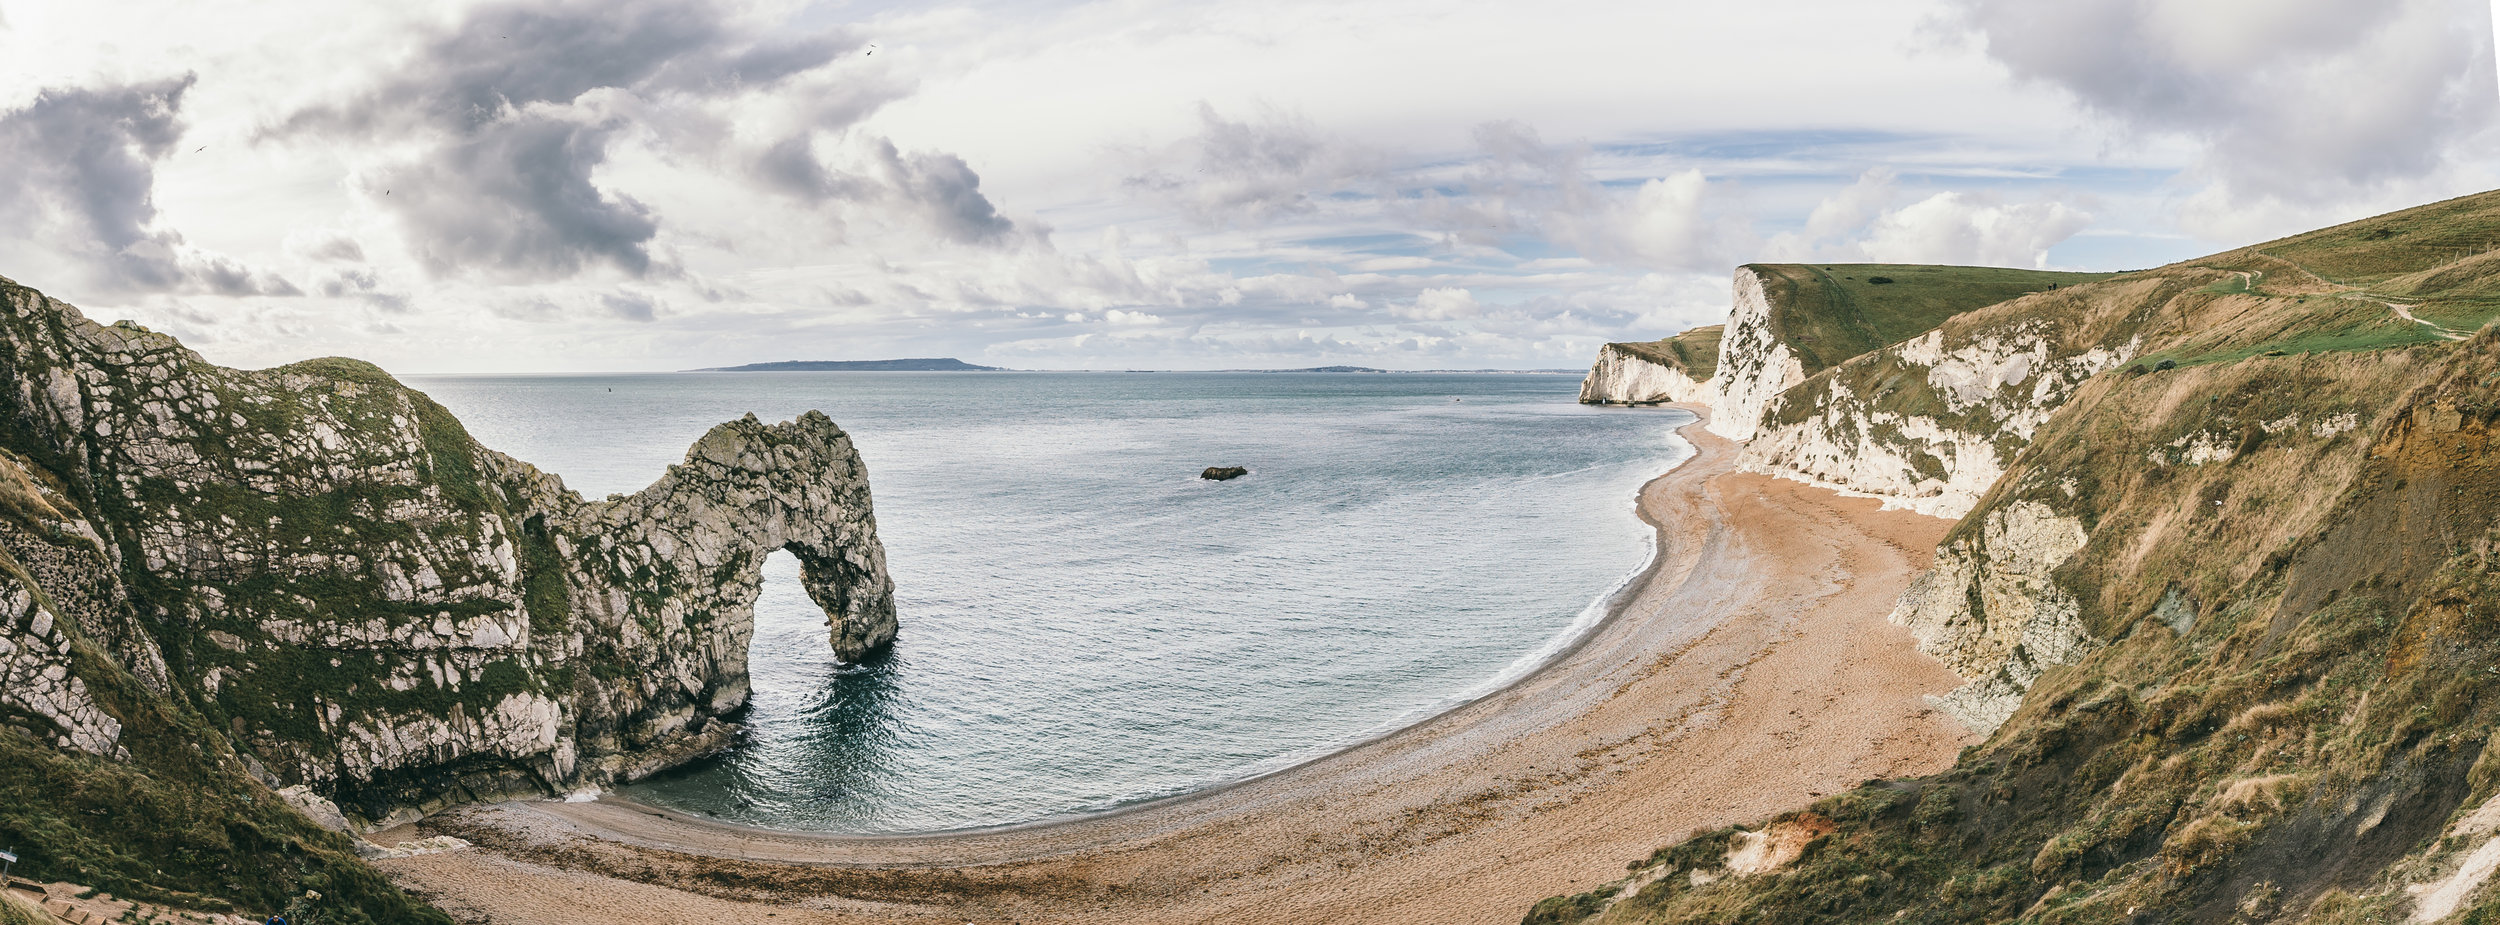 Dorset-116.jpg